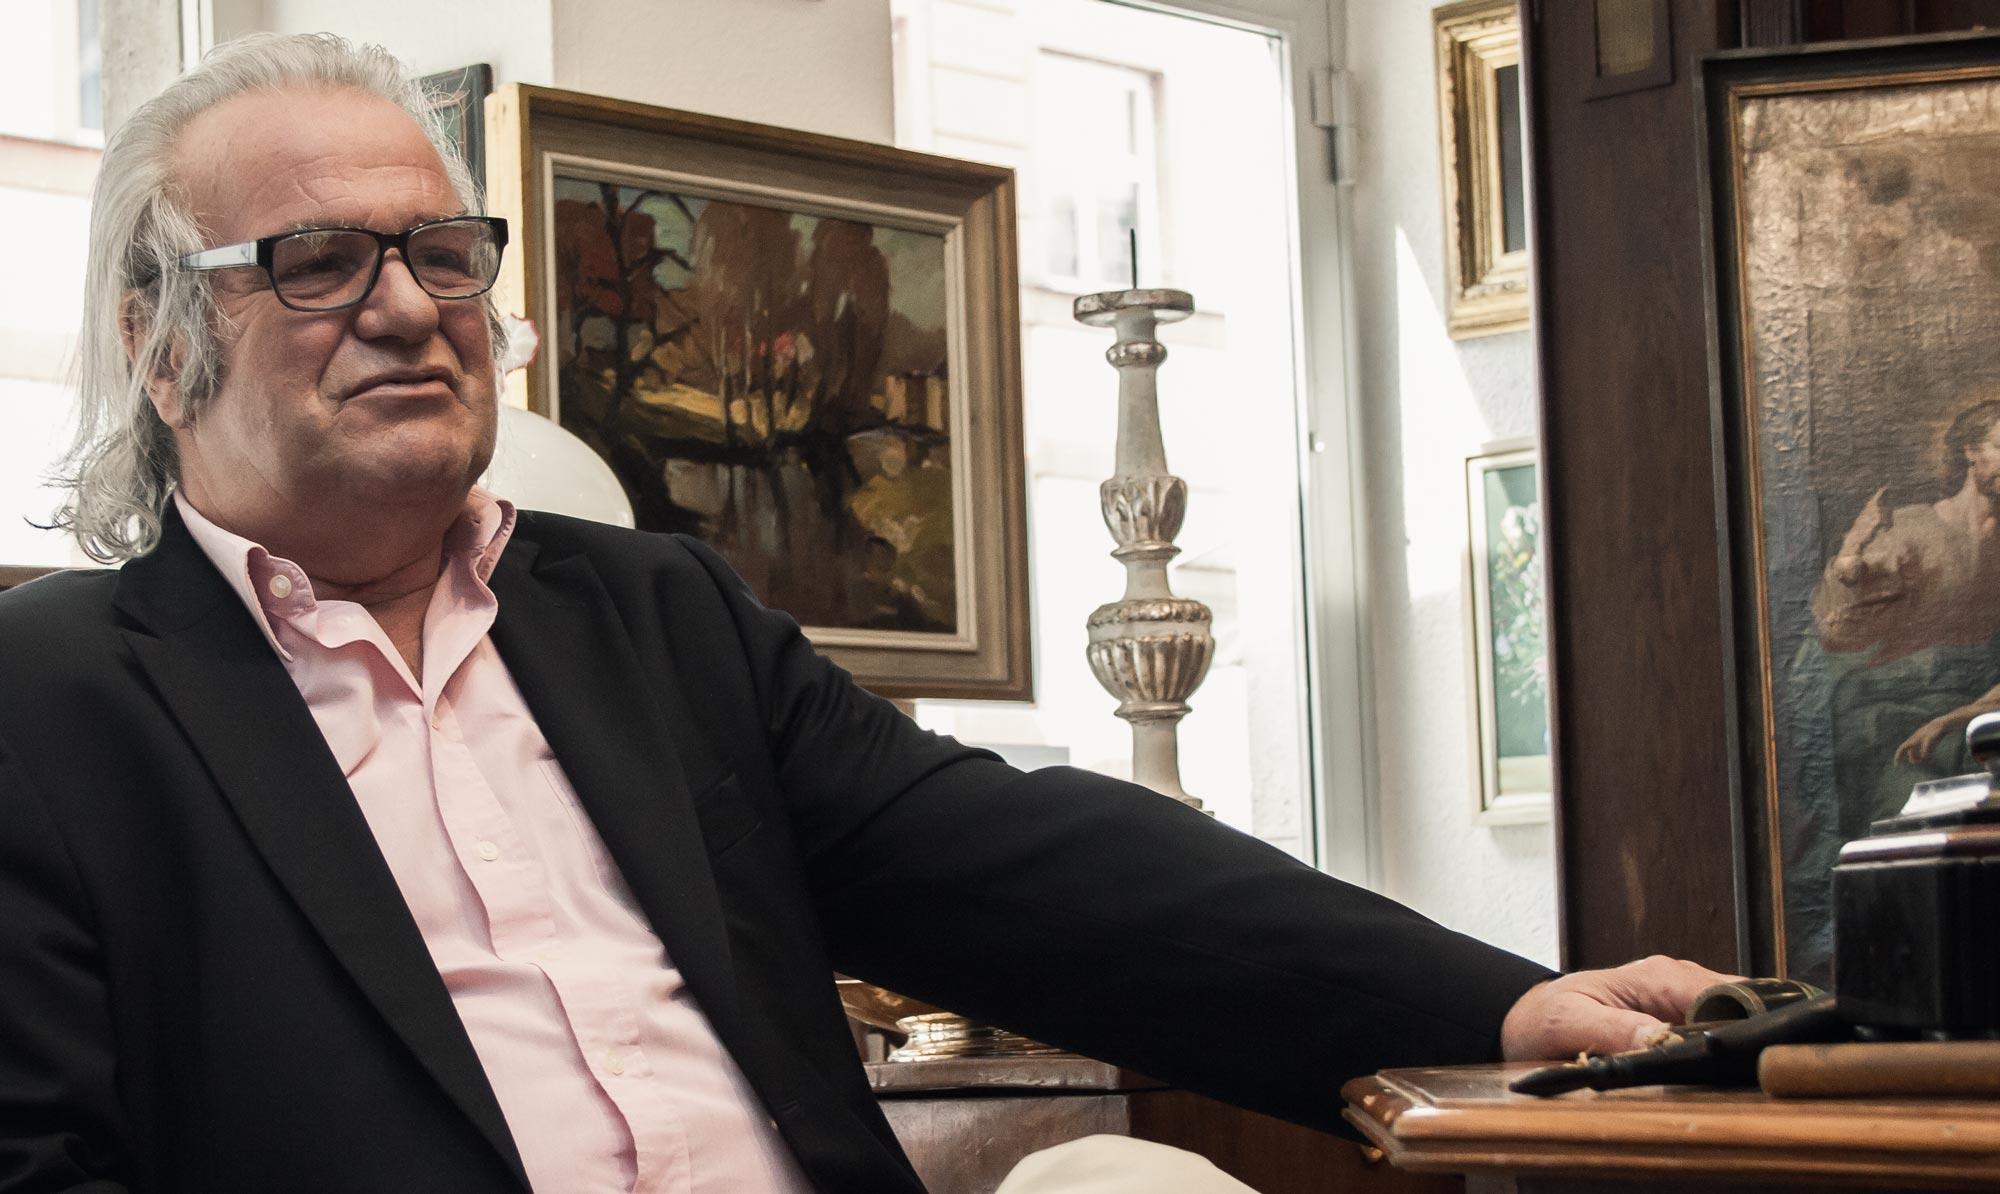 Albert Maier Antik Maier Antiquitäten TV Experte